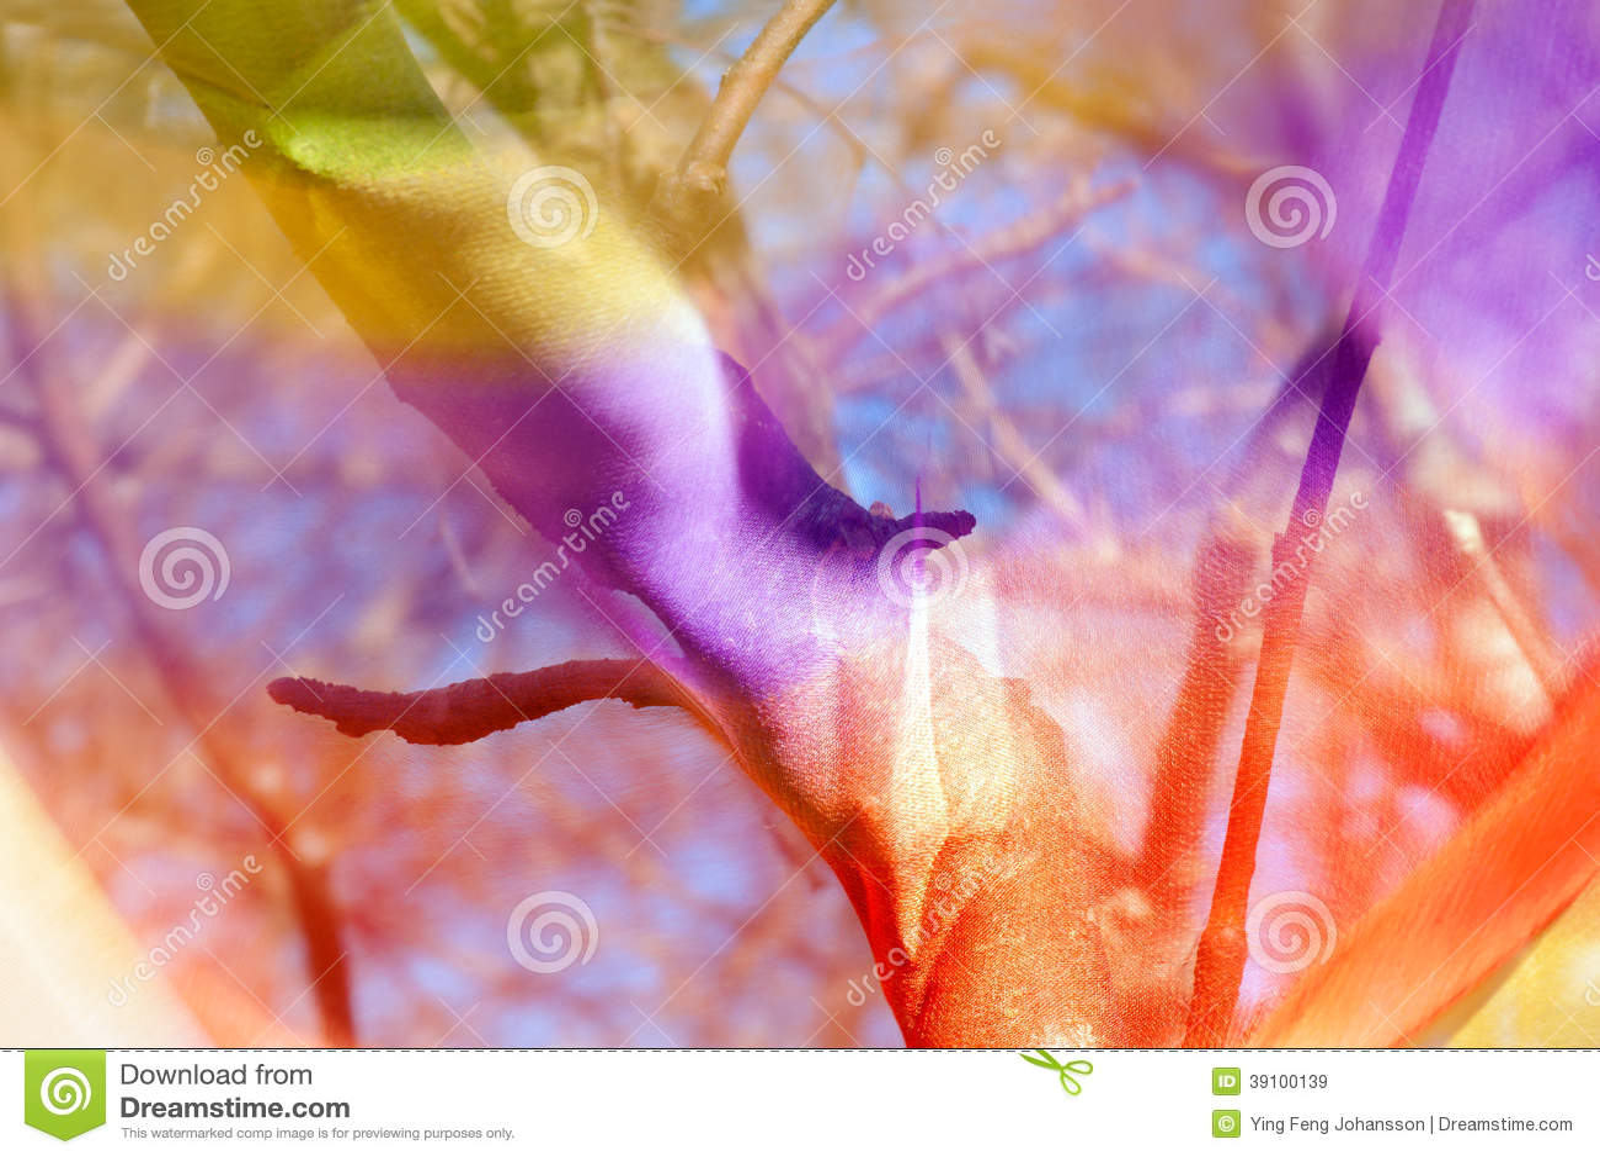 Boom door transparante kleurrijke stof wordt gezien die